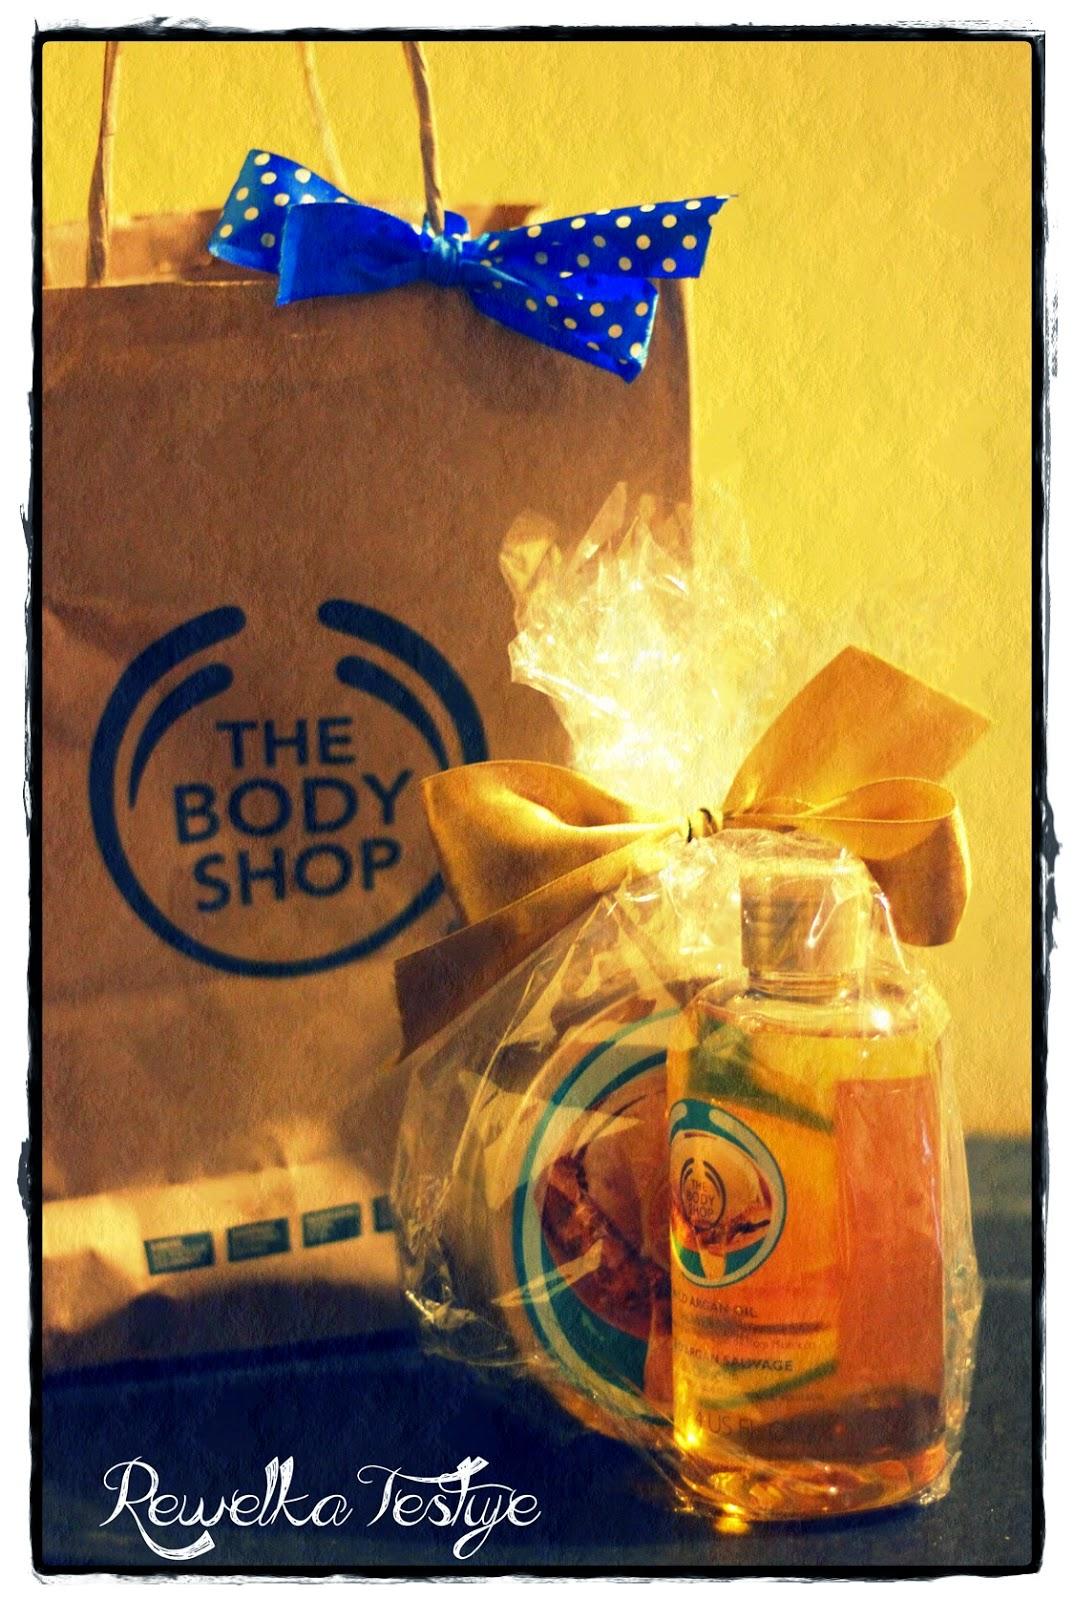 Nagroda z The Body Shop - taki miły akcent